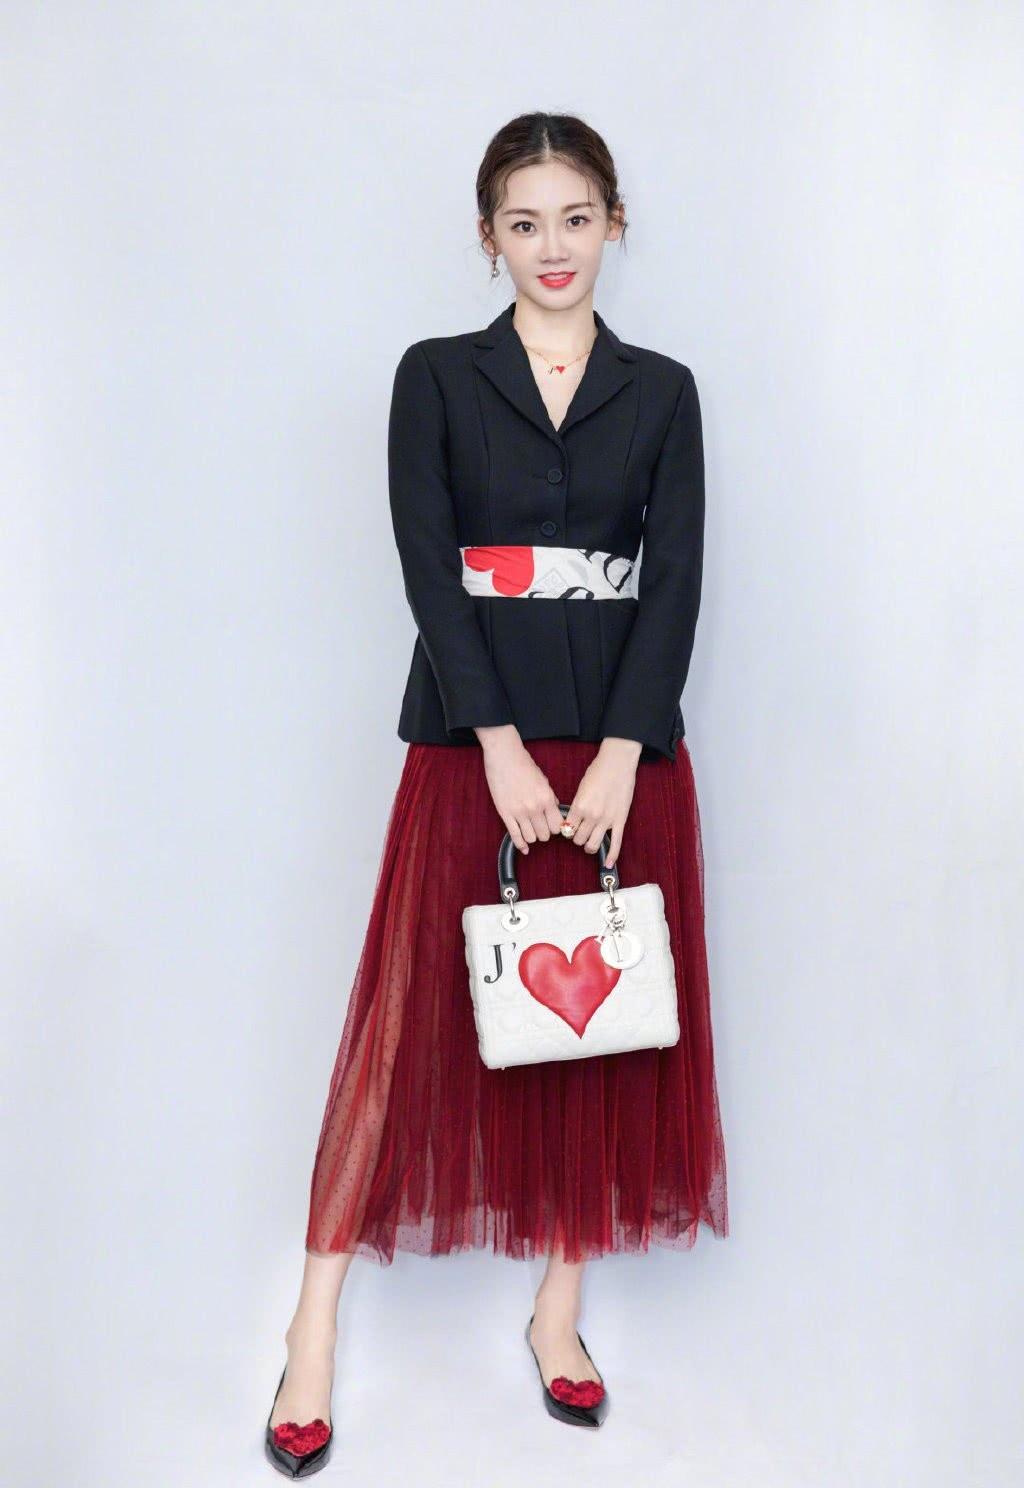 曾给赵丽颖当配角,后因《芳华》成名,穿西装配红纱裙,性感吸睛